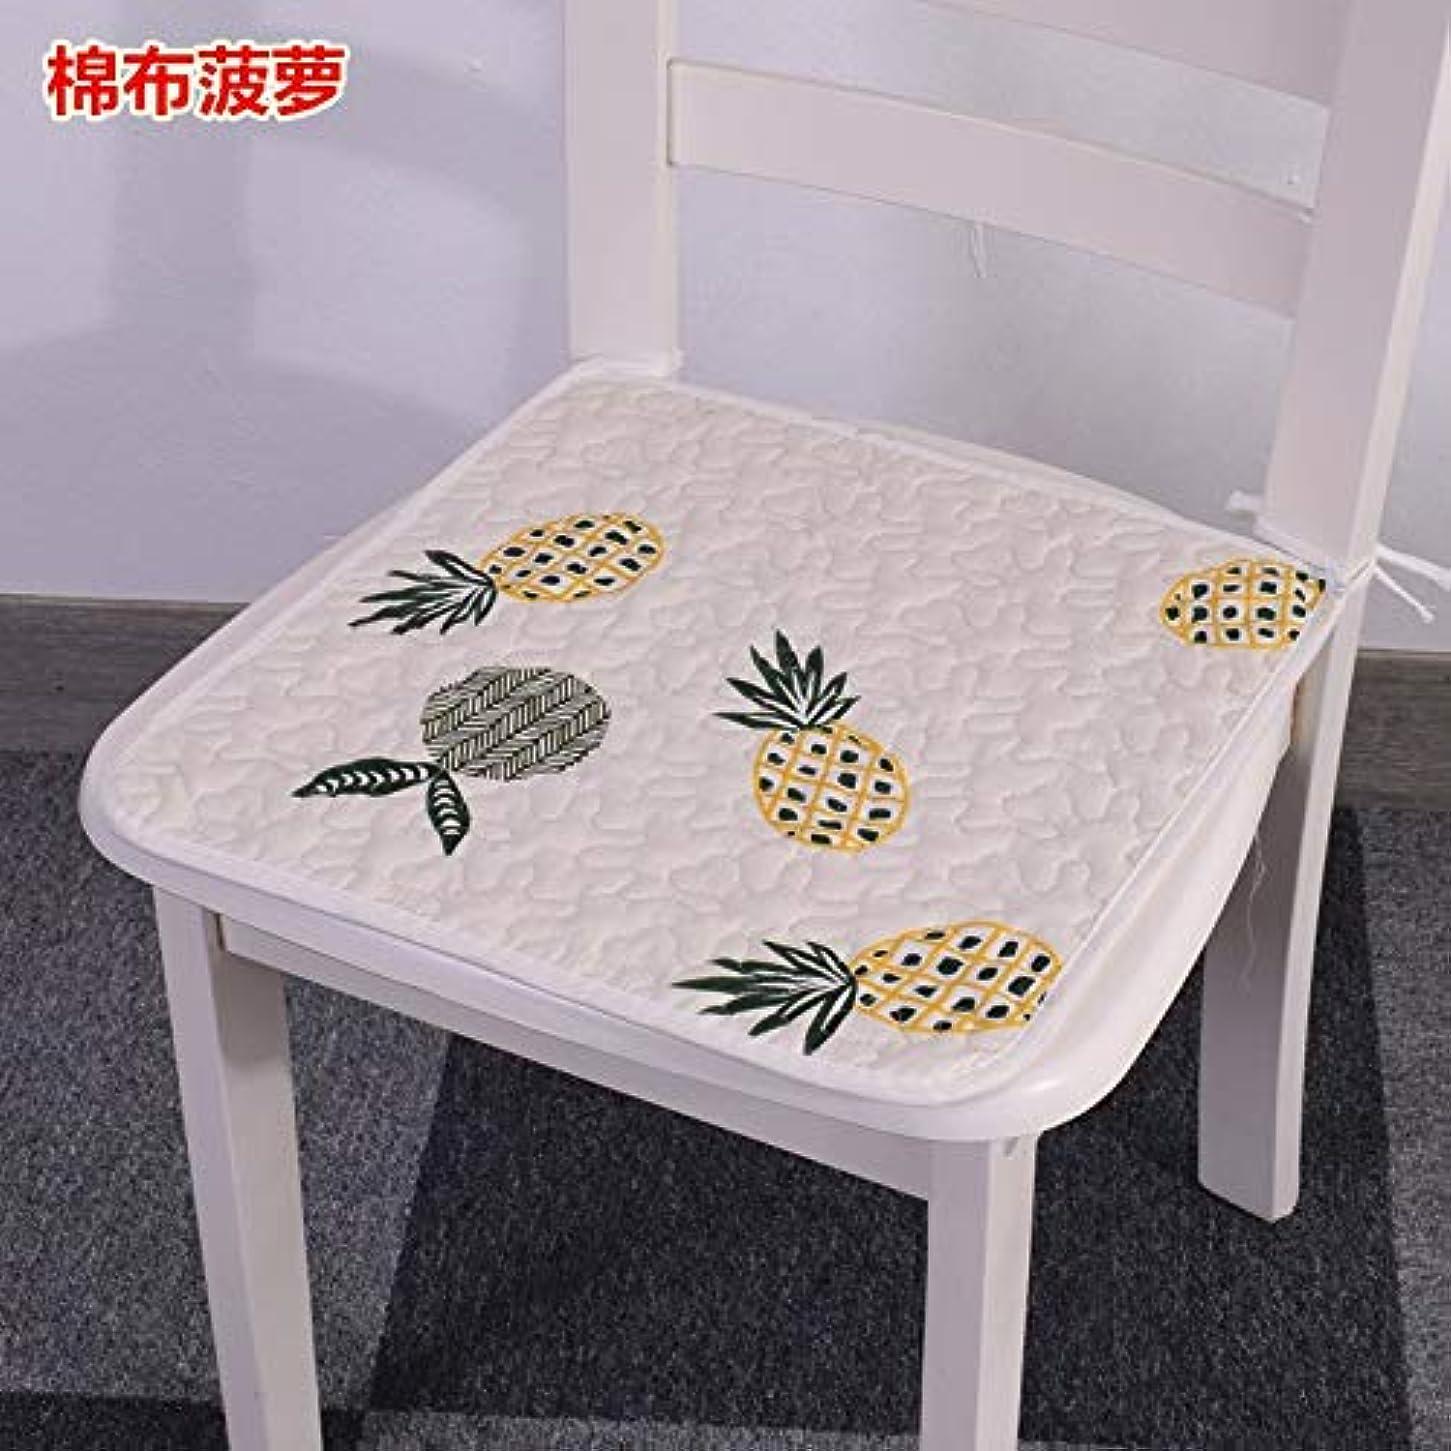 そんなに突然の億LIFE 現代スーパーソフト椅子クッション非スリップシートクッションマットソファホームデコレーションバッククッションチェアパッド 40*40/45*45/50*50 センチメートル クッション 椅子